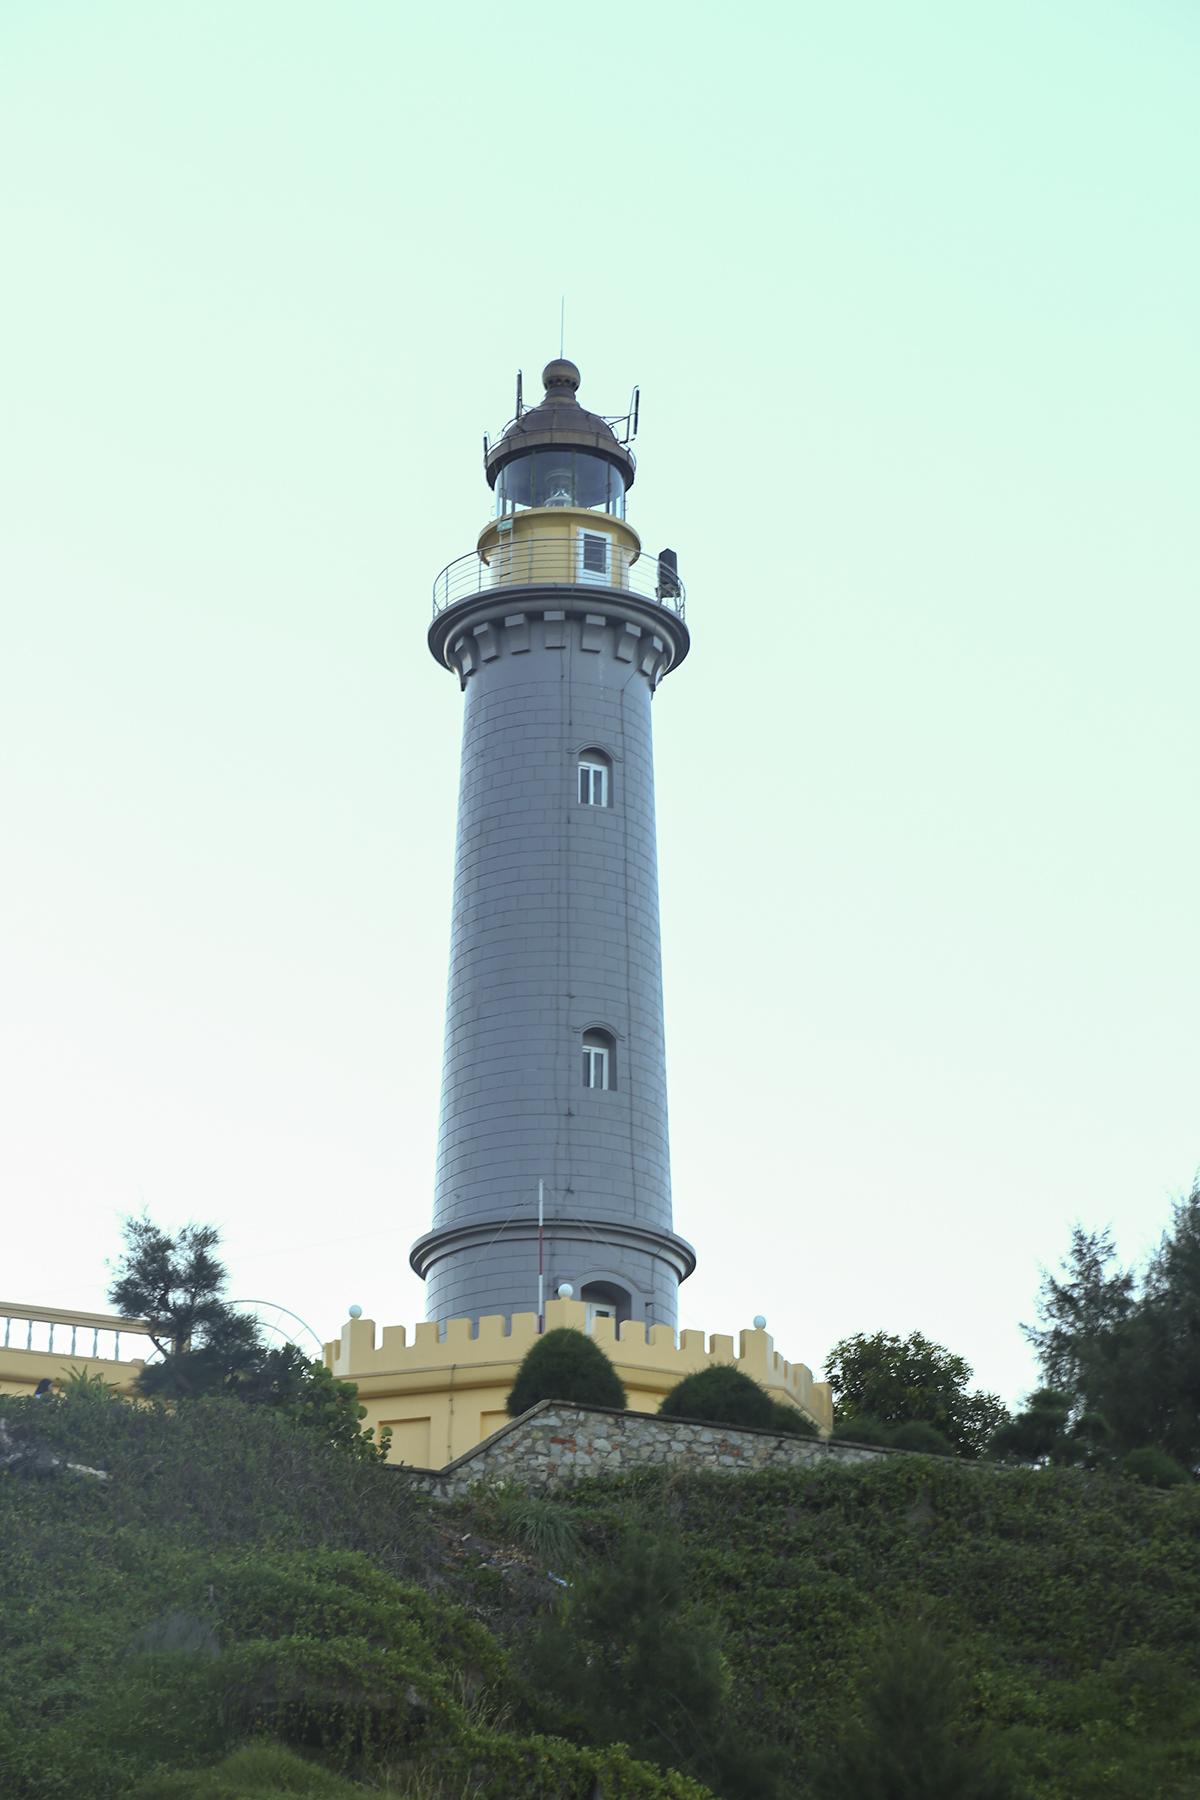 Hải đăng Đại Lãnh, một ngọn hải đăng cổ được xây dựng vào năm 1890, cao 26.5met so với mặt đất và cao 110m so với mực nước biển, có thể phát tín hiệu xa 27 hải lý. Bên trong ngọn hải đăng là 110 bậc thang gỗ, dẫn lên đến đỉnh.